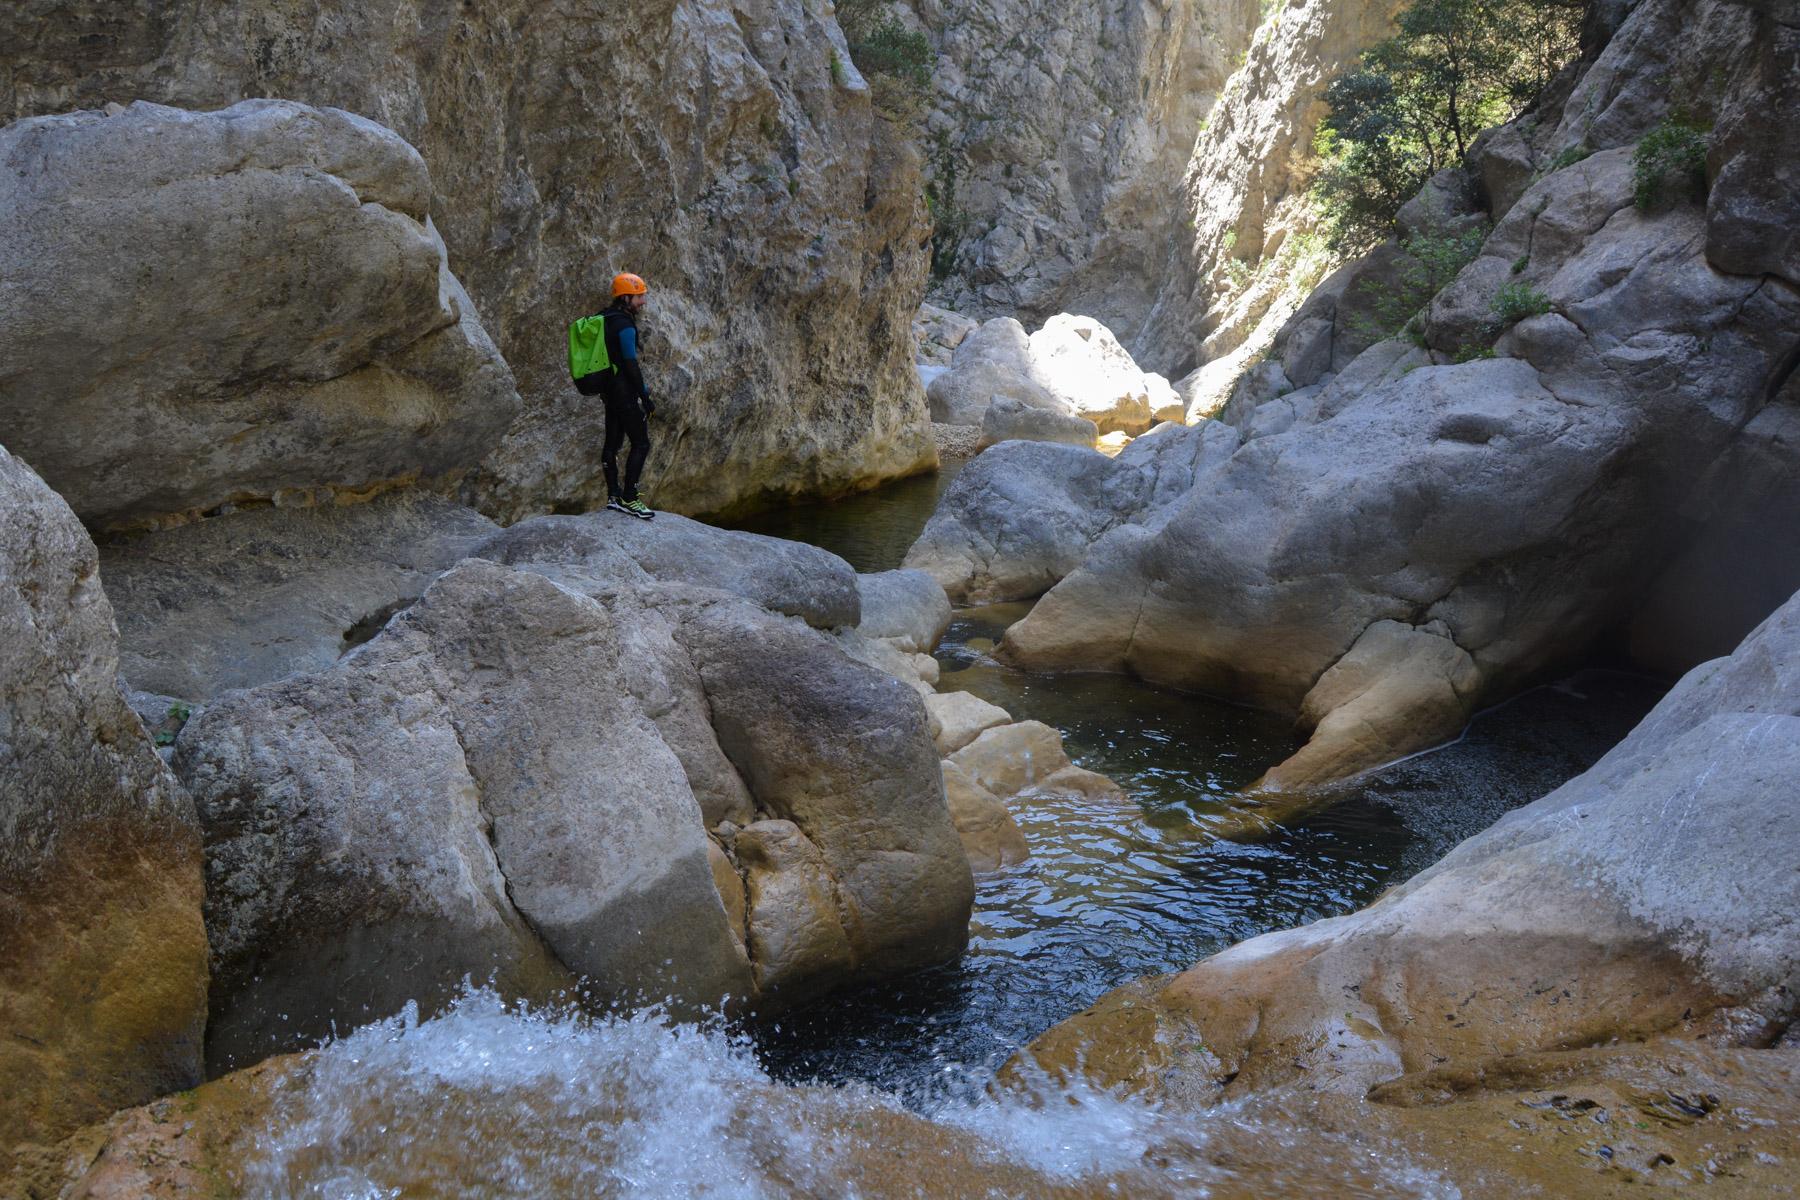 Gorges de Galamus, Pyrénées Orientales 15